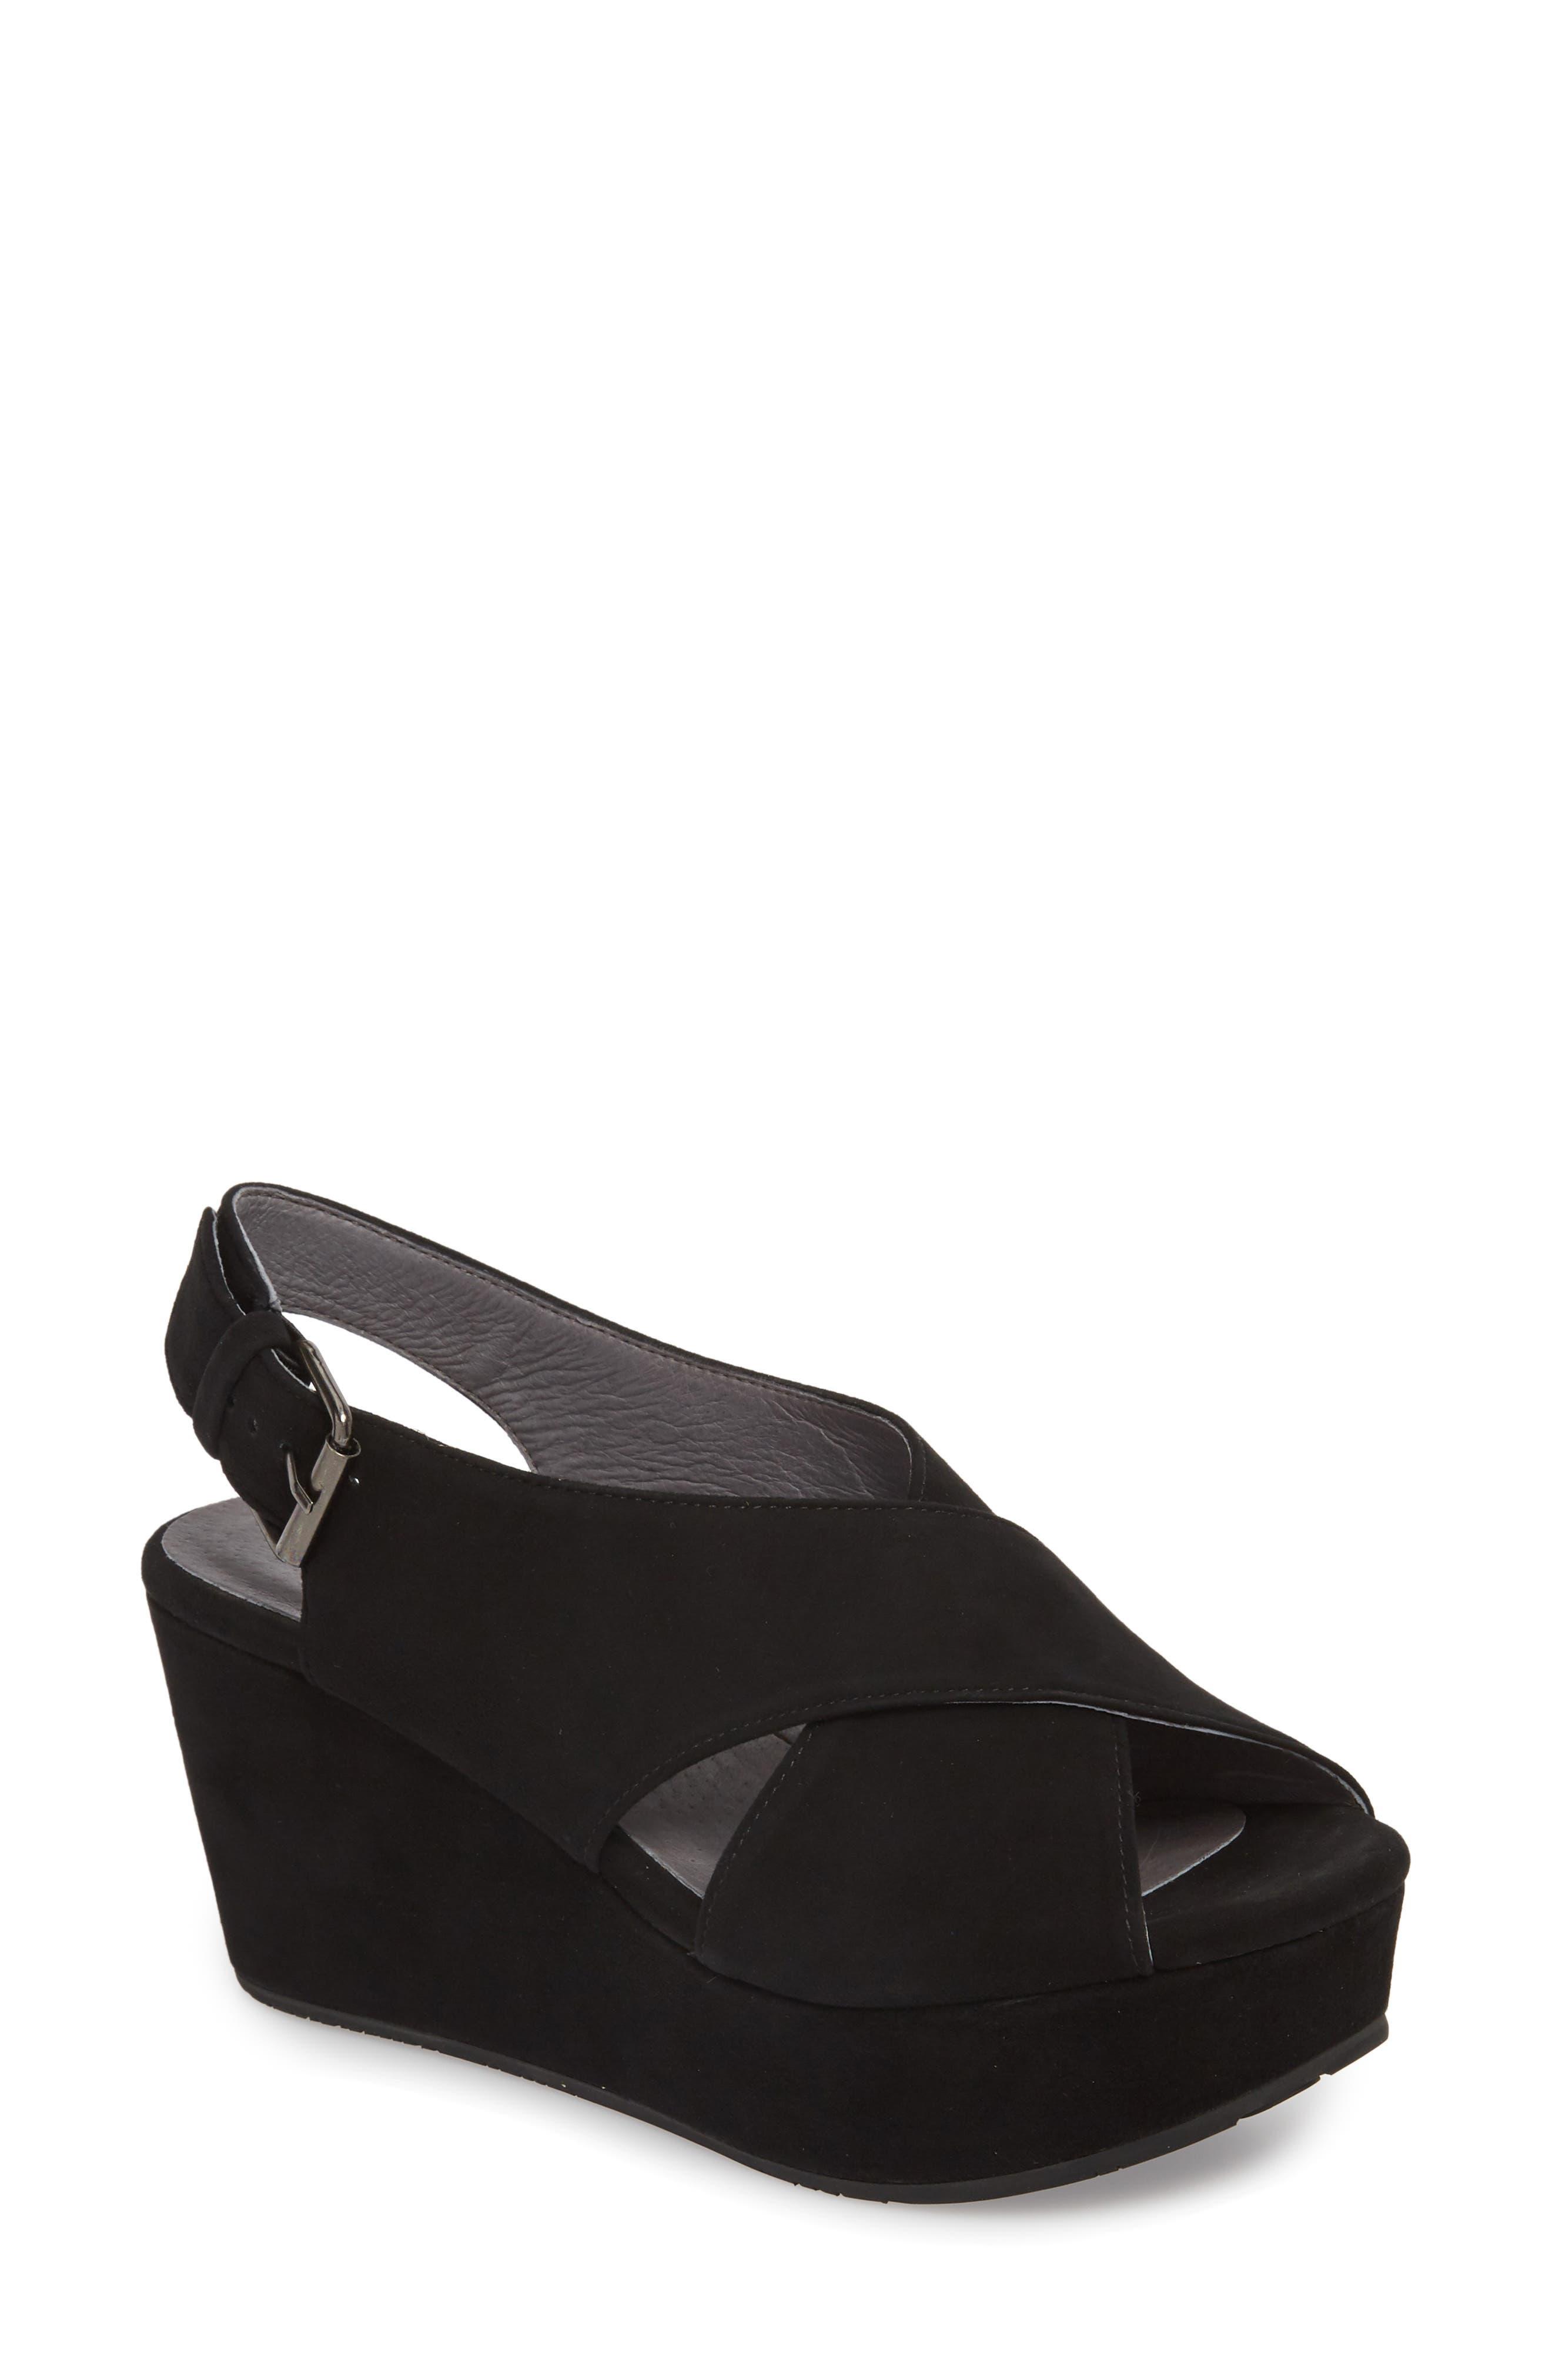 Wim Platform Wedge Sandal,                             Main thumbnail 1, color,                             BLACK SUEDE